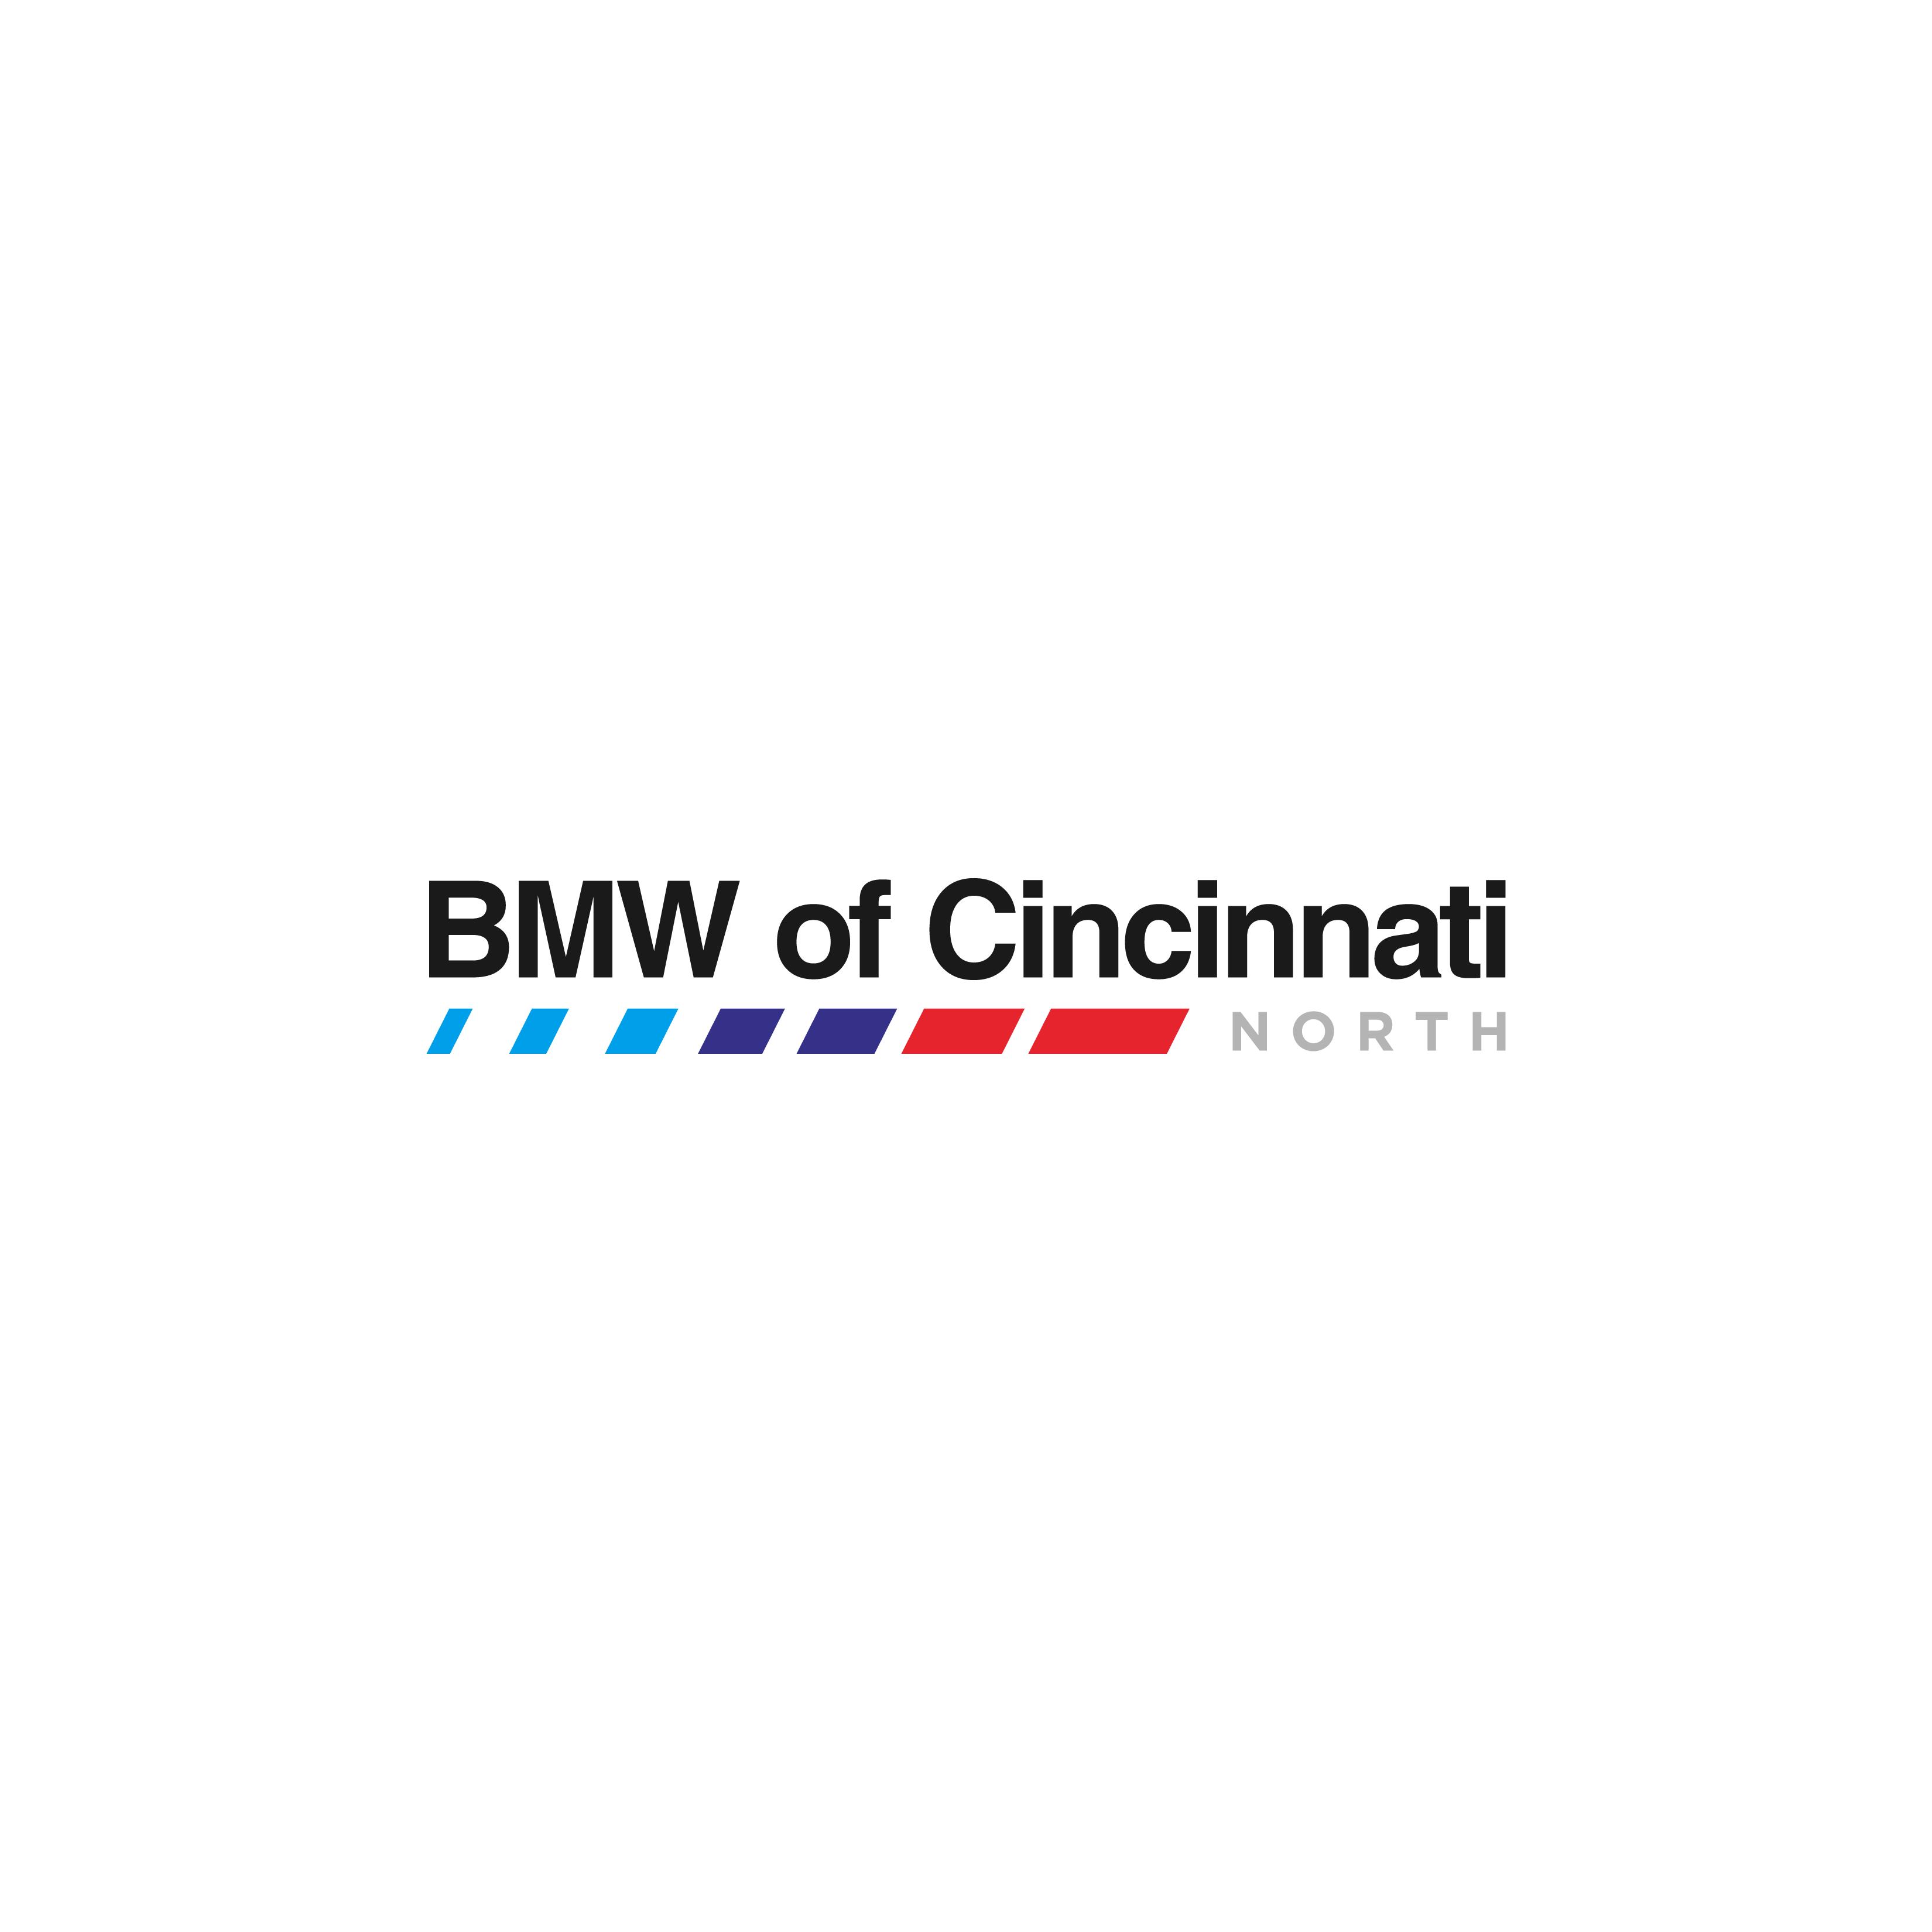 Used Car Dealer in OH Cincinnati 45246 BMW of Cincinnati North 105 W. Kemper Road  (513)782-1122